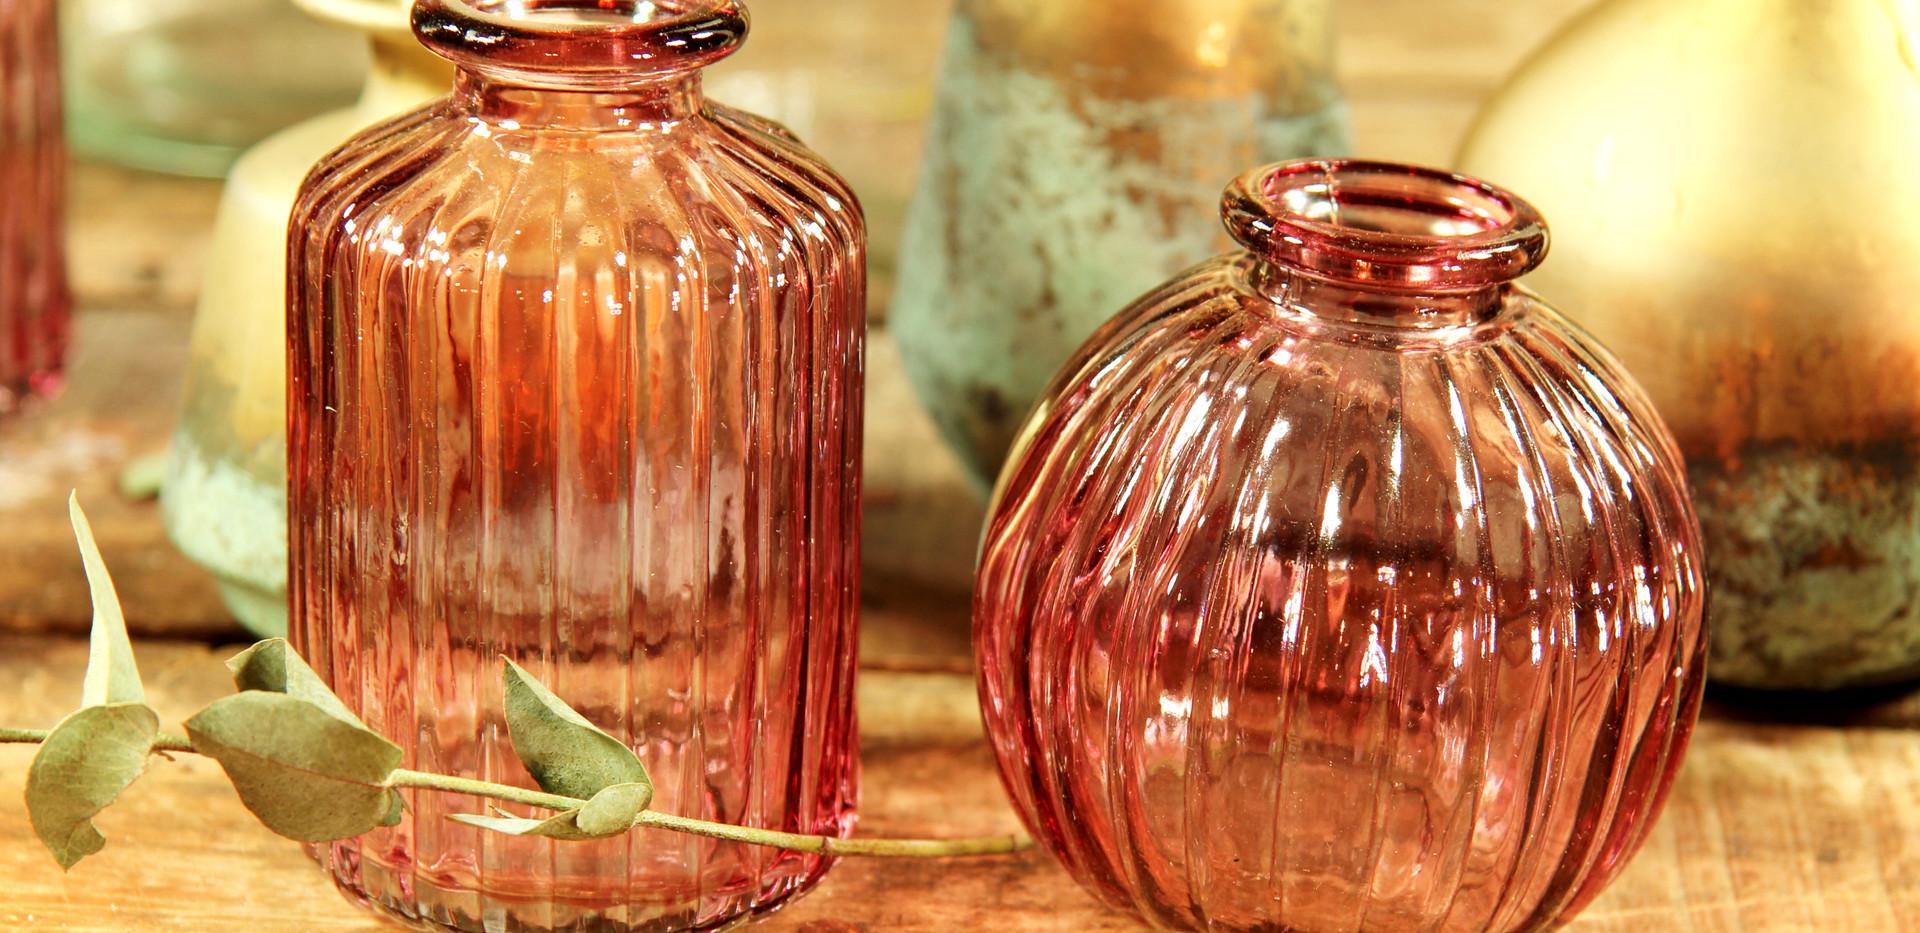 Kleine Vase rosè - Stück 0,50 Euro